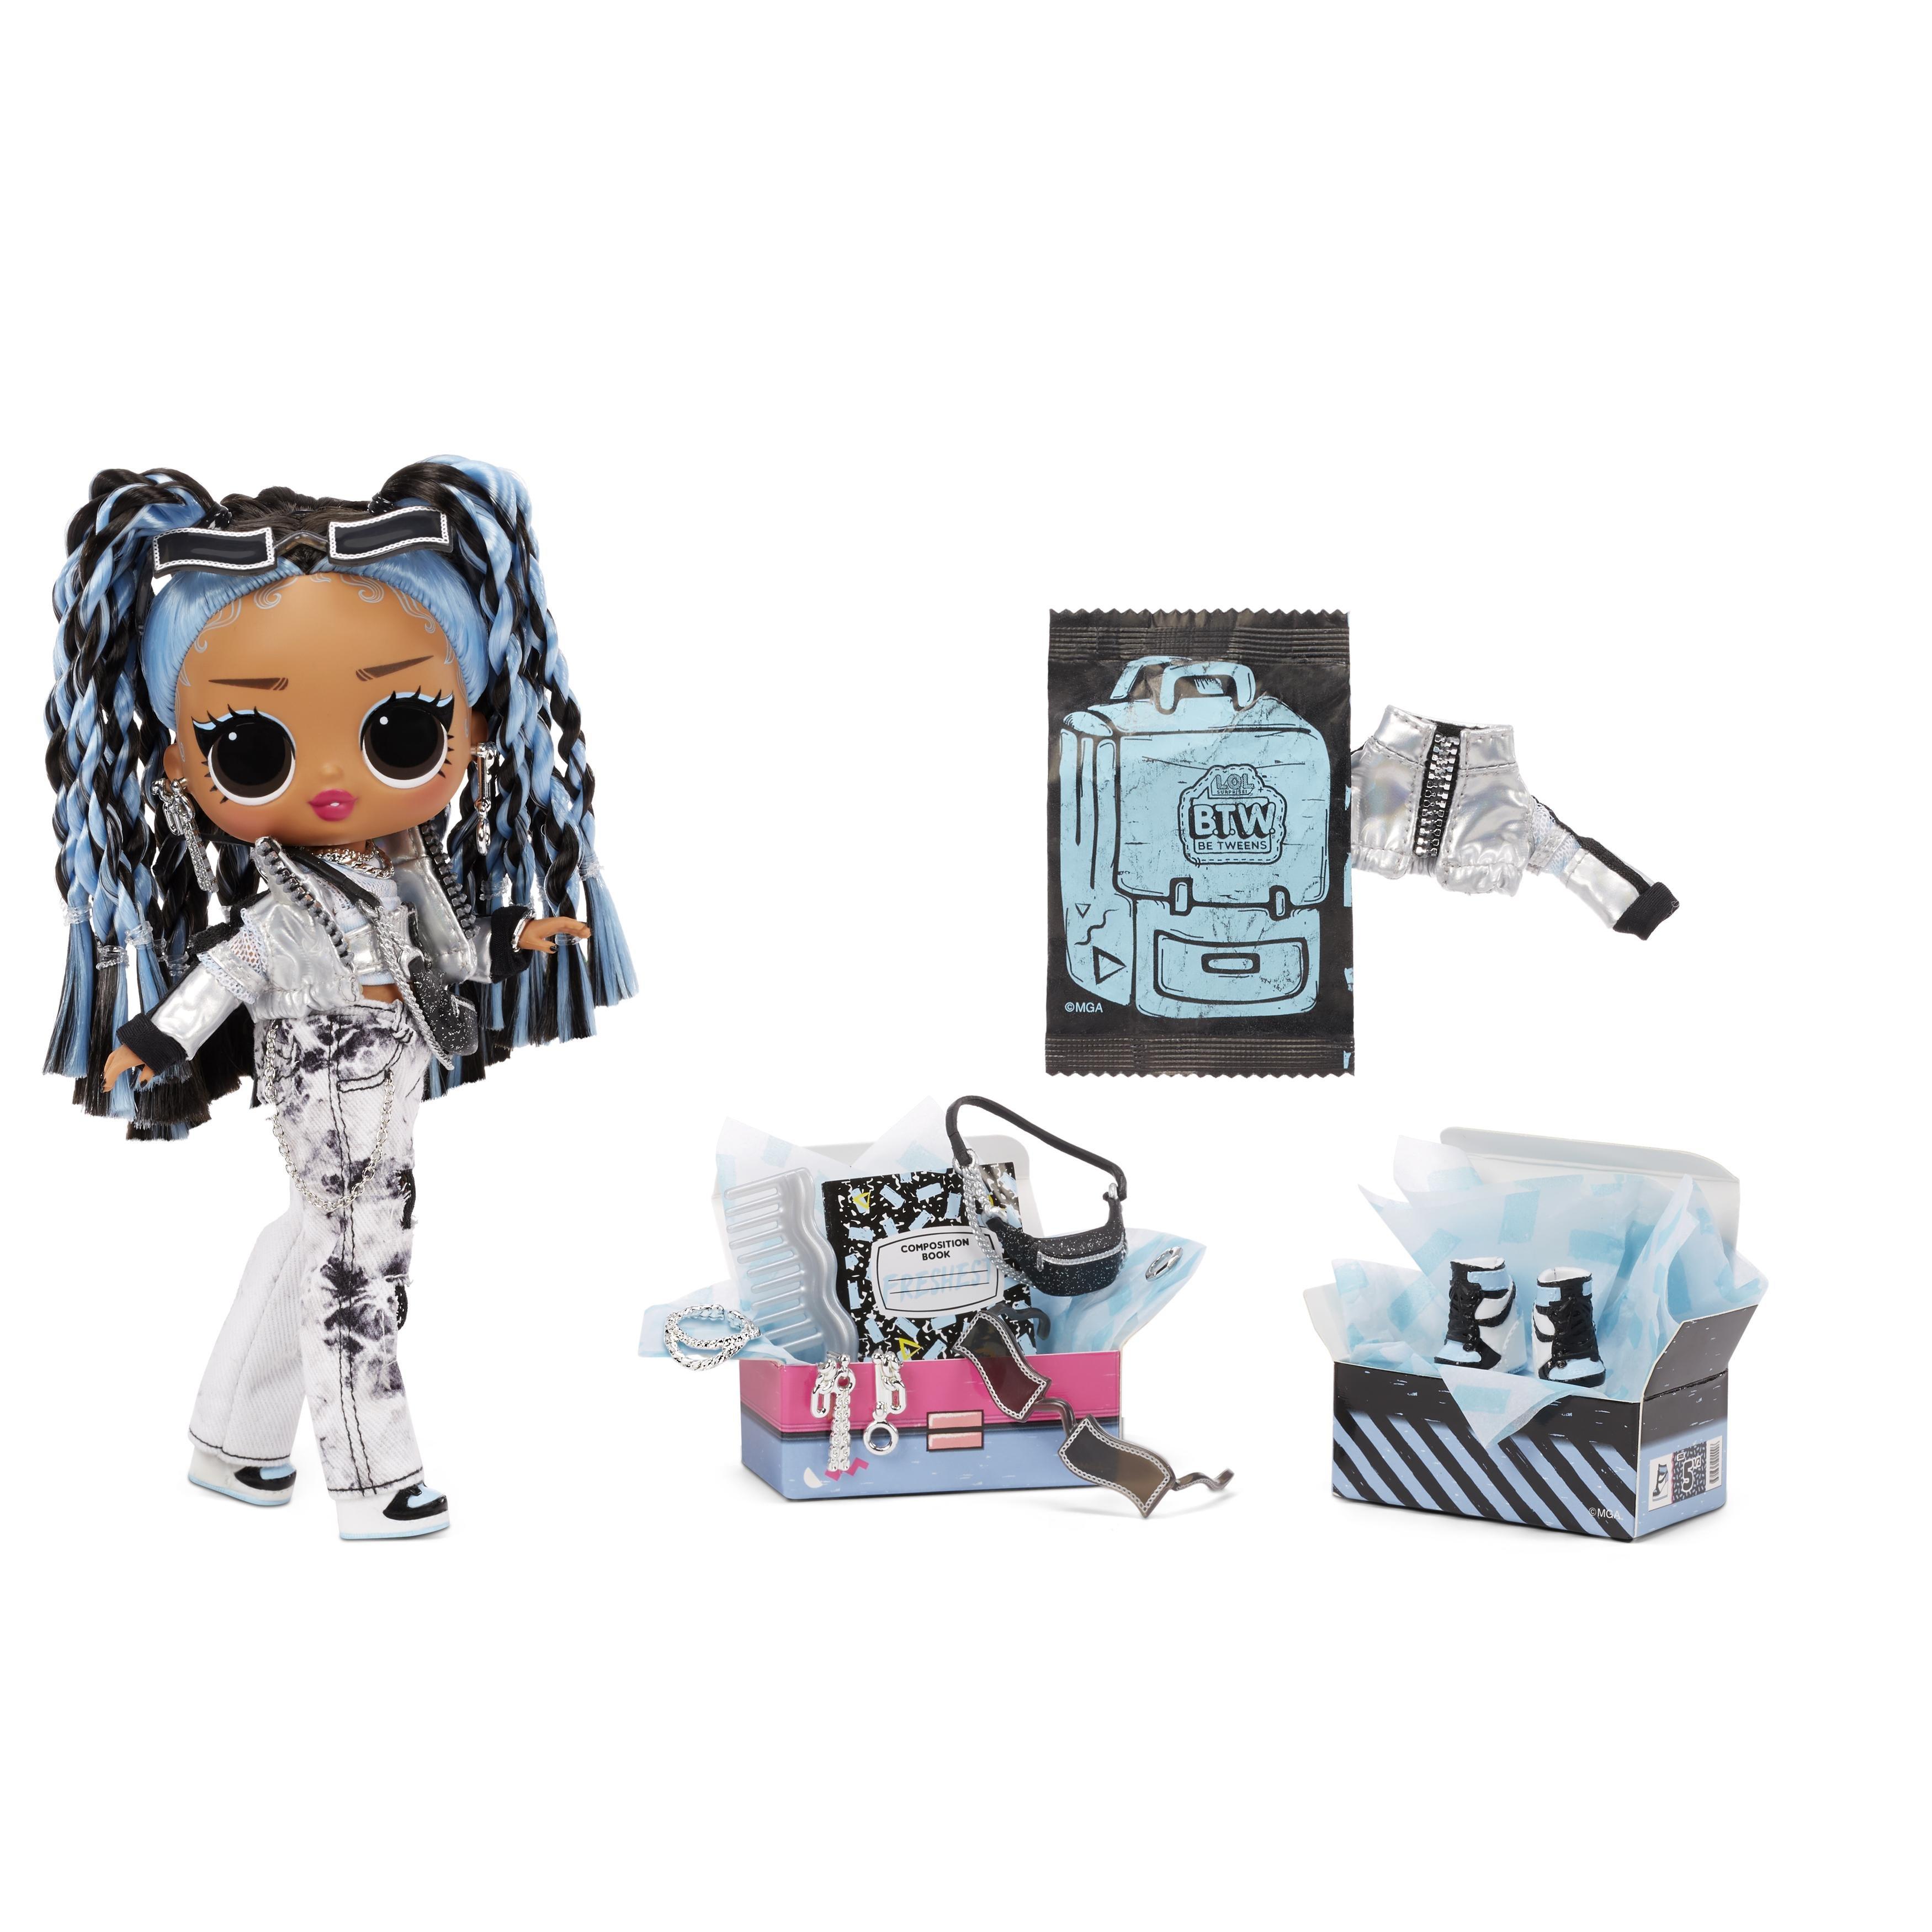 L.O.L. Surprise - BTW Doll- Fancy (576686)